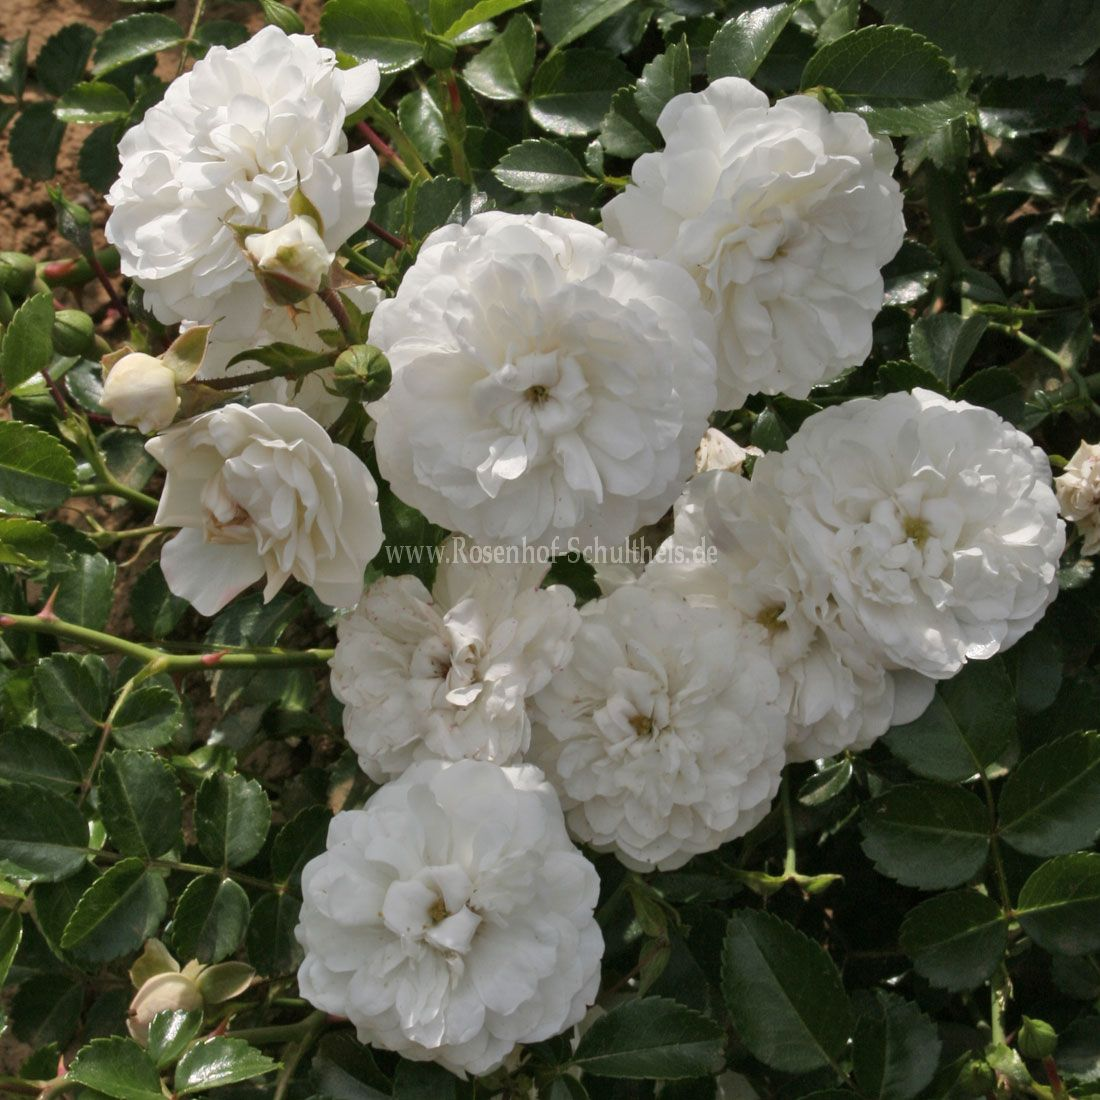 sternschnuppe rosen online kaufen im rosenhof schultheis rosen online kaufen im rosenhof. Black Bedroom Furniture Sets. Home Design Ideas